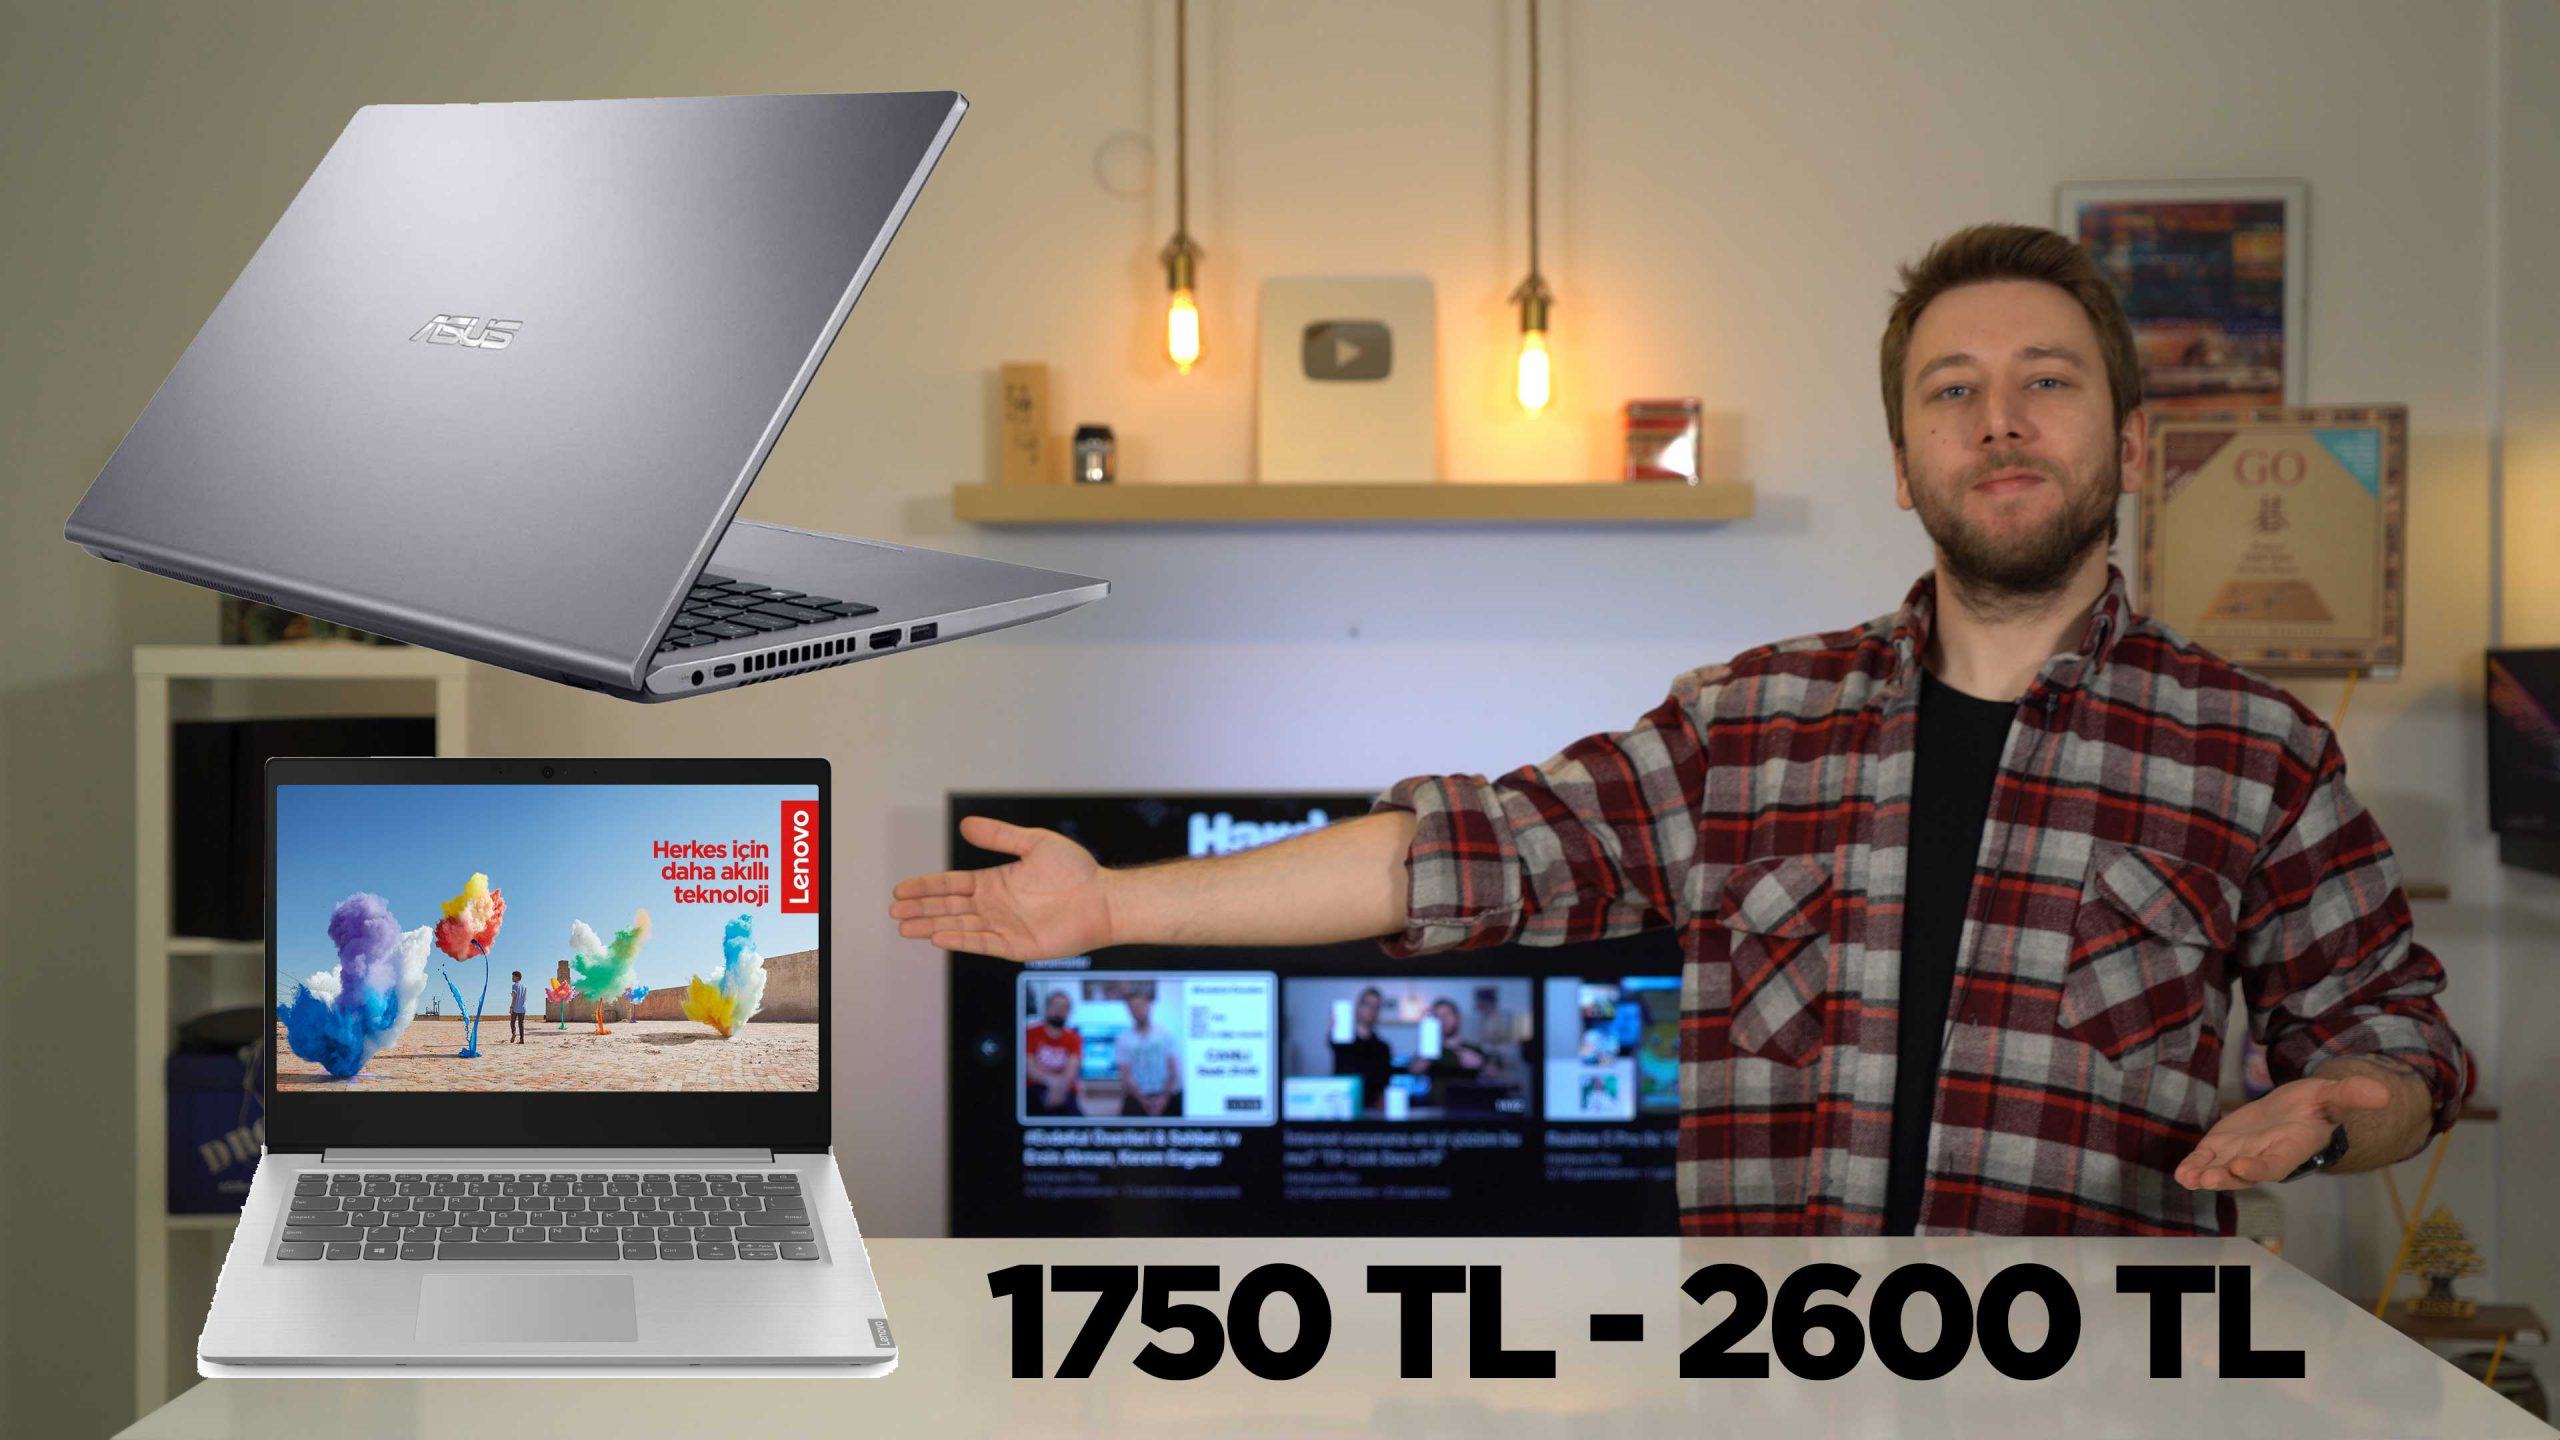 En iyi UYGUN FİYATLI laptop modelleri (1750 TL - 2699 TL)